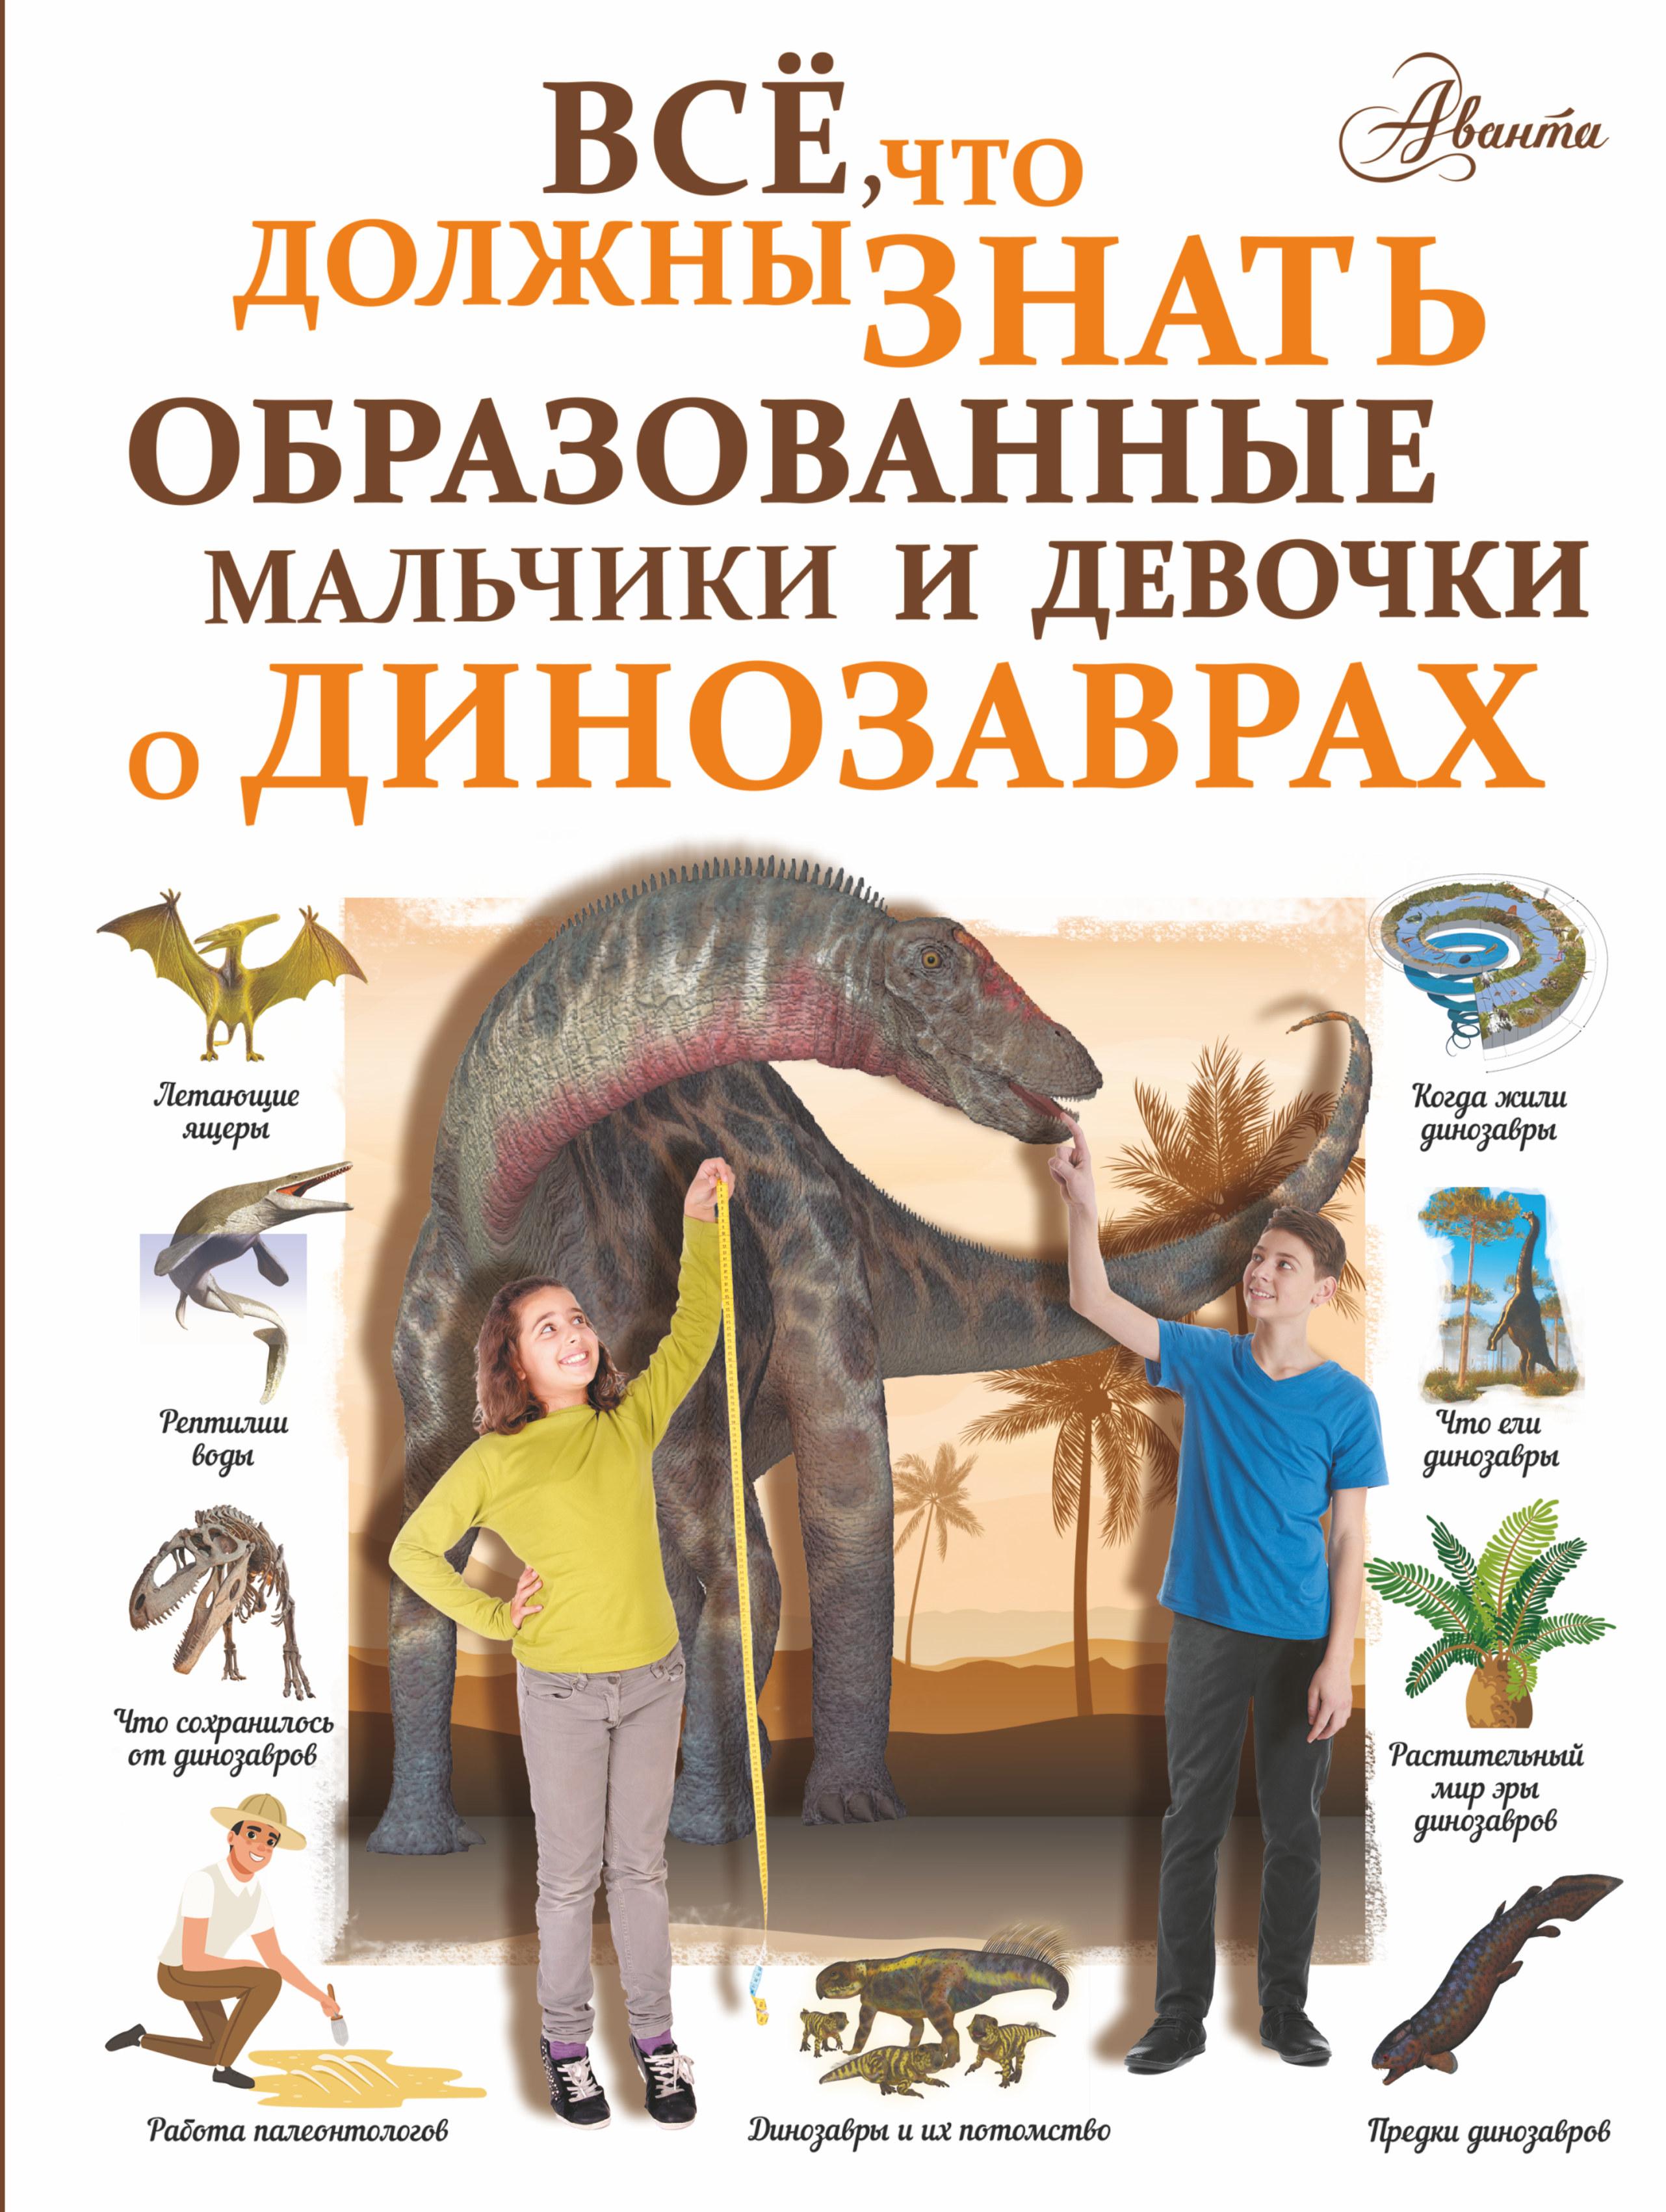 Все, что должны знать образованные мальчики и девочки о динозаврах ( Барановская Ирина Геннадьевна  )